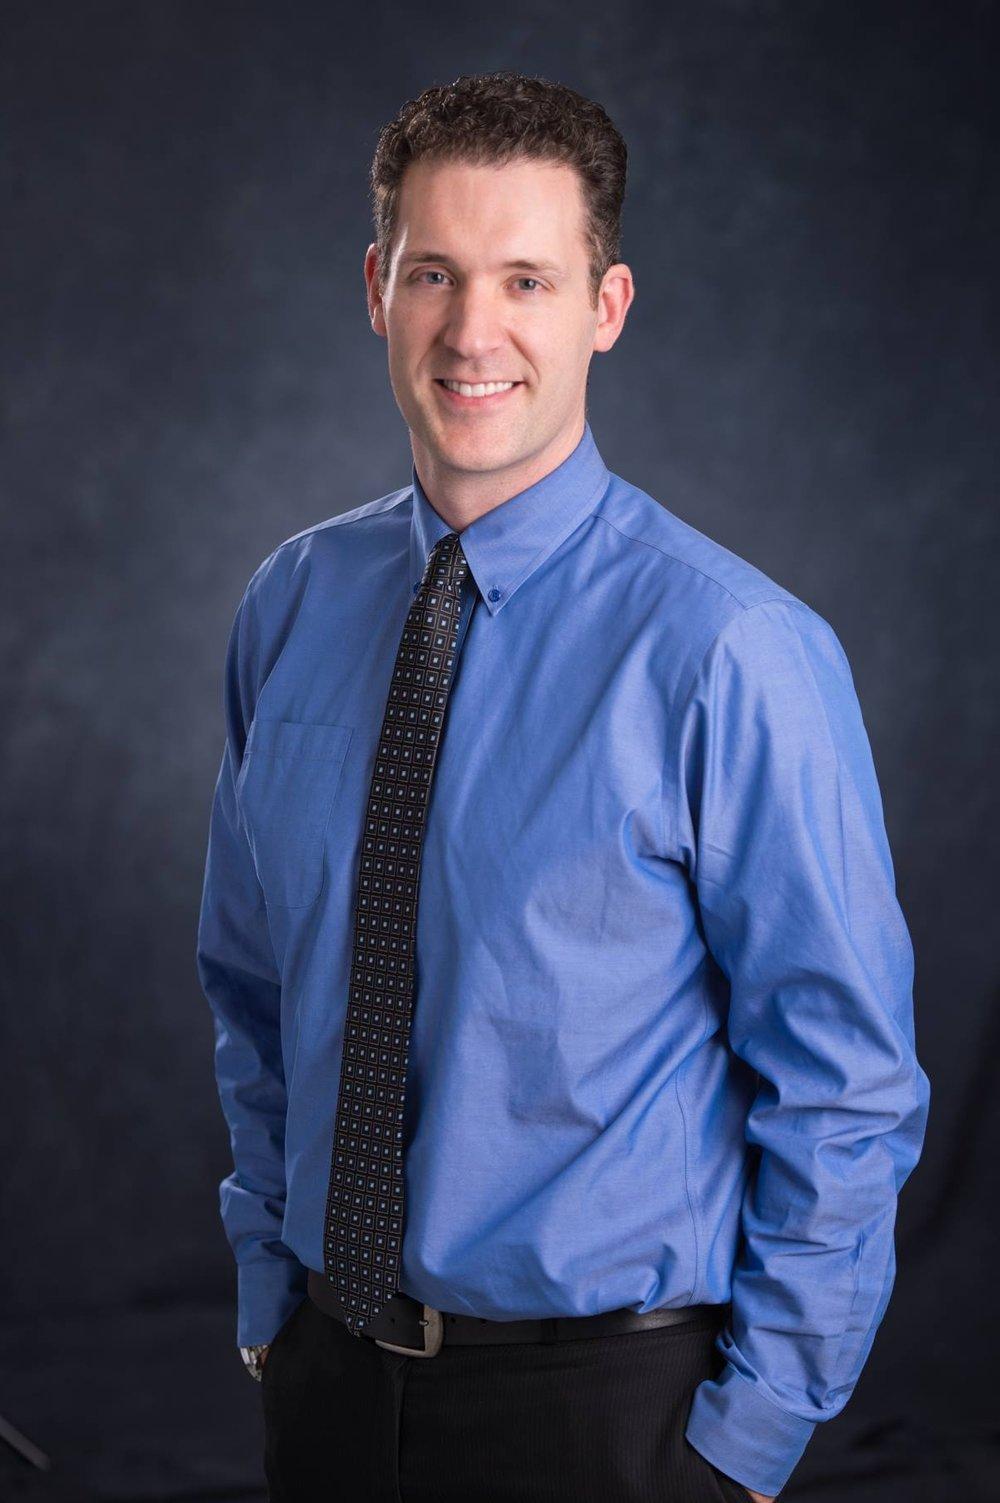 Dr. Erik Scheme  - Submitted by Dr. Erik Scheme